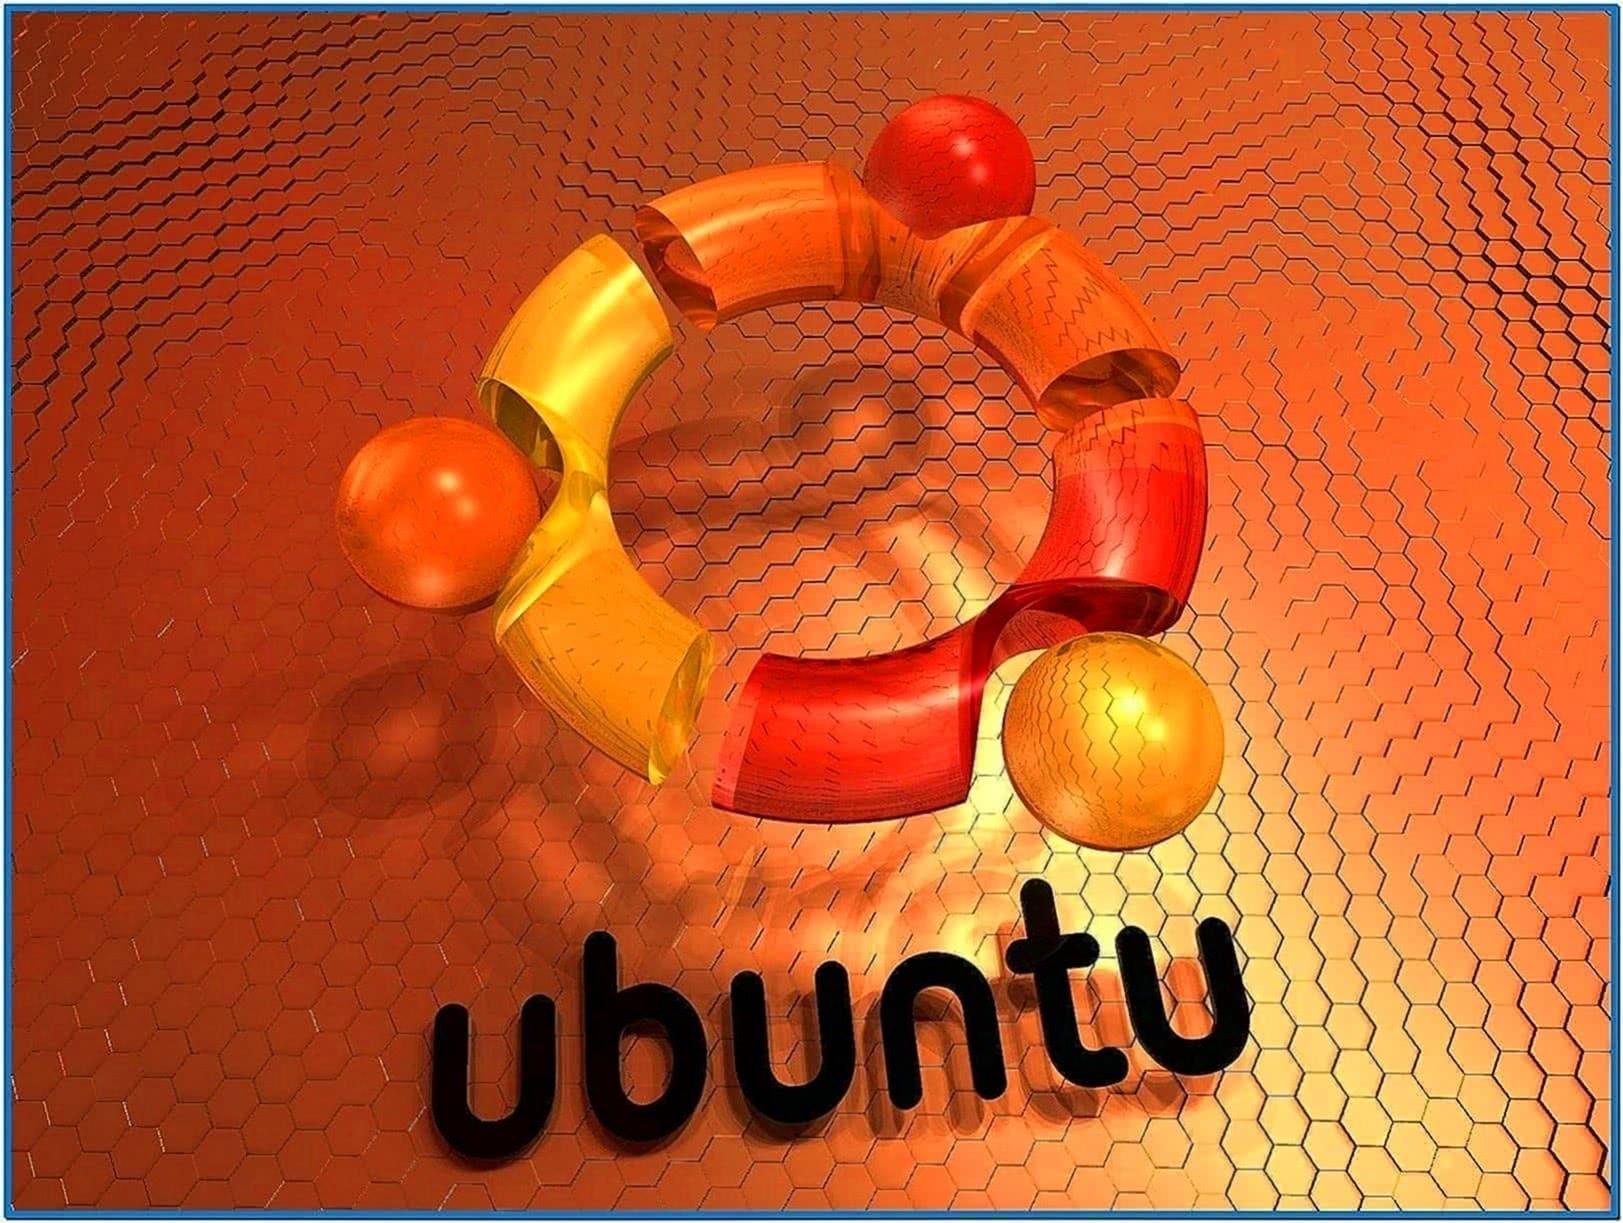 Linux Source Code Screensaver Ubuntu